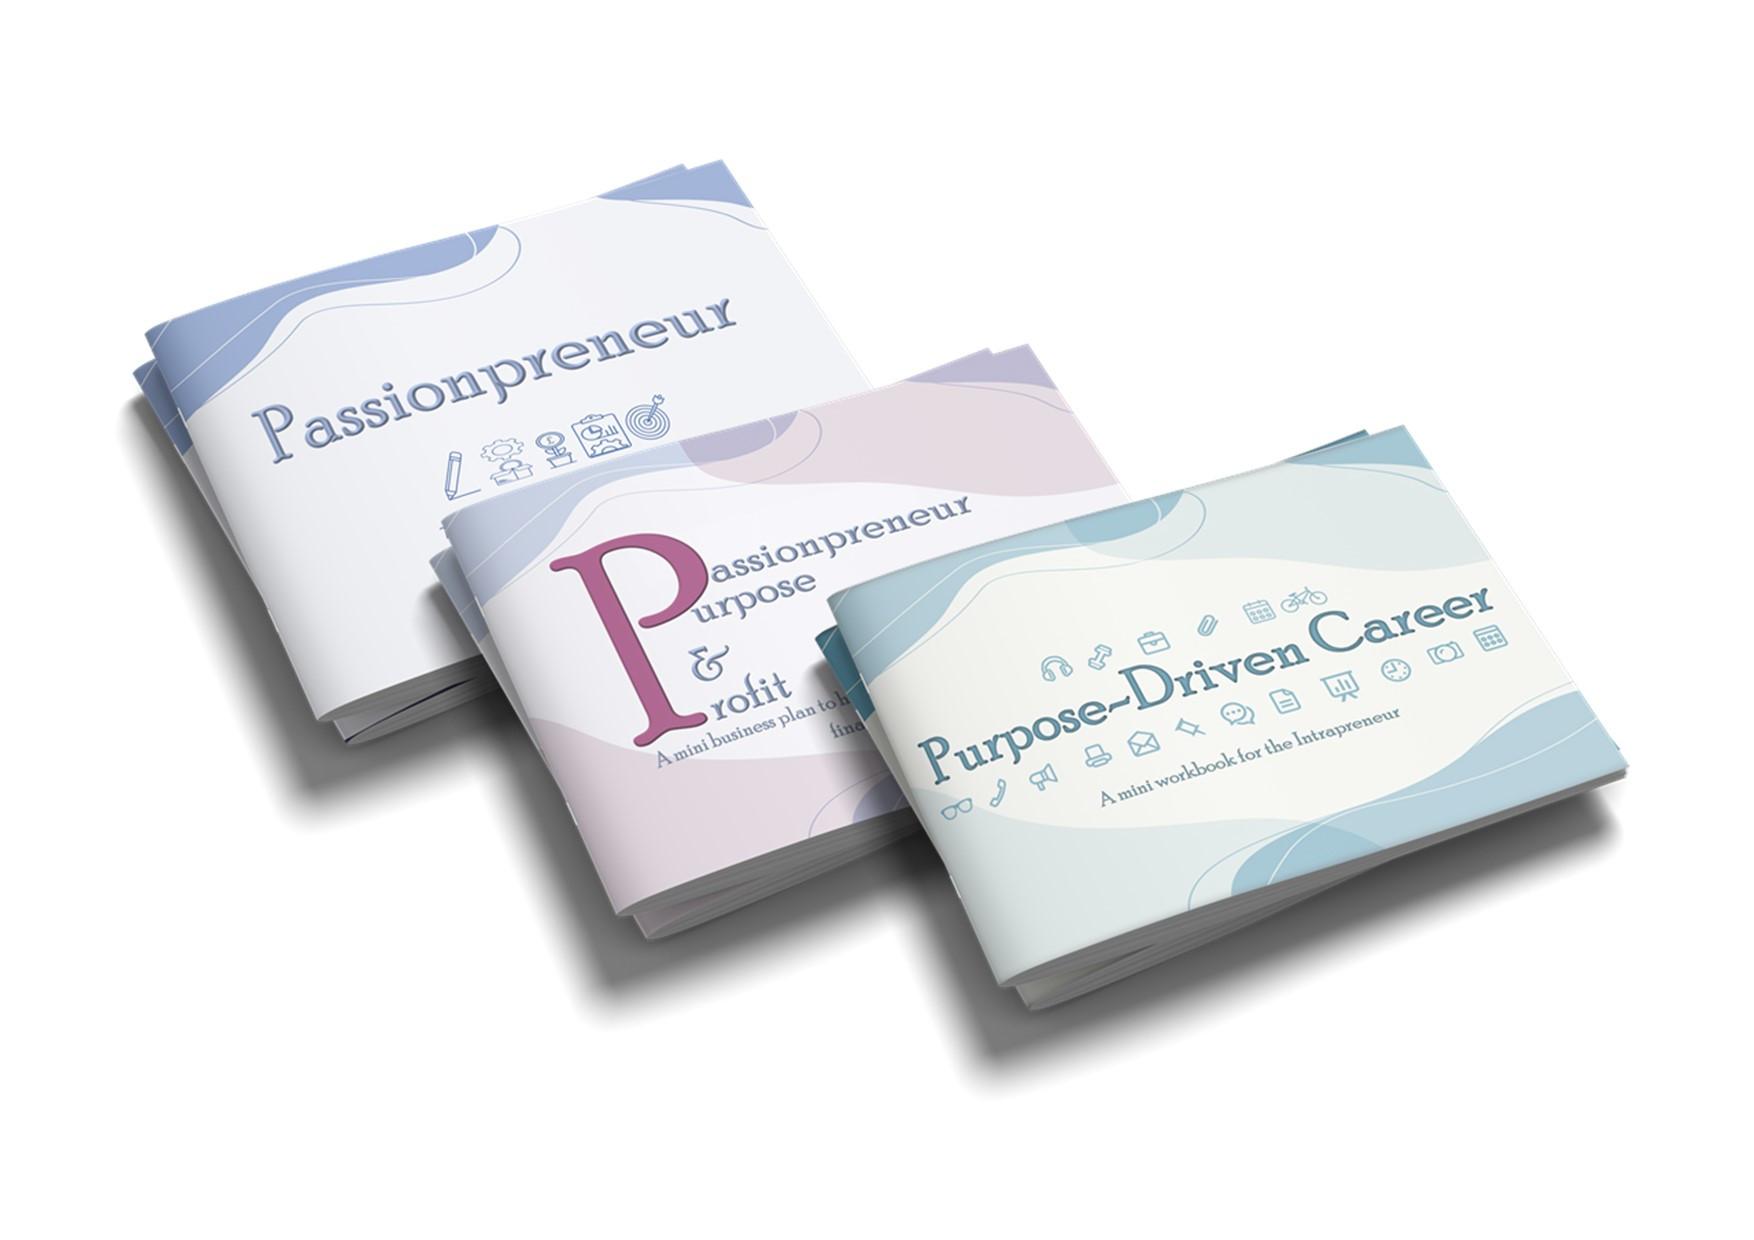 PASSIONPRENEUR 1-2-1 Consulting